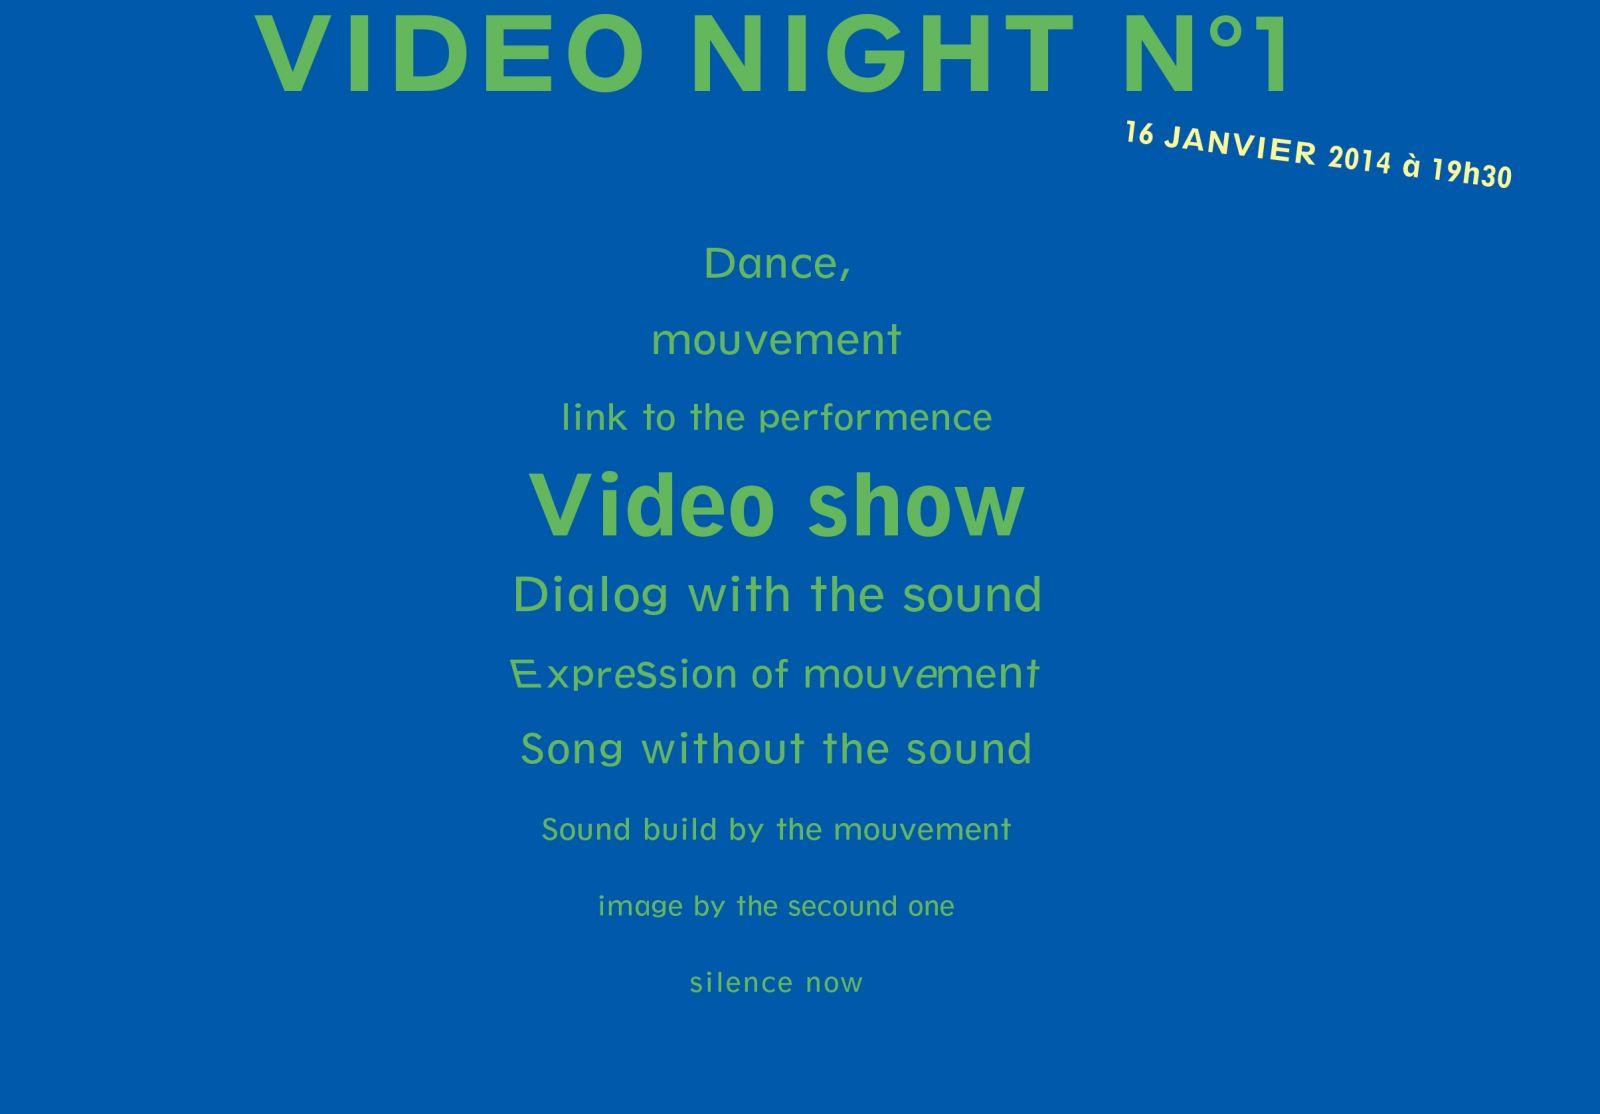 video-night-1-d9501b62840483d74594e00be6b5b0a1